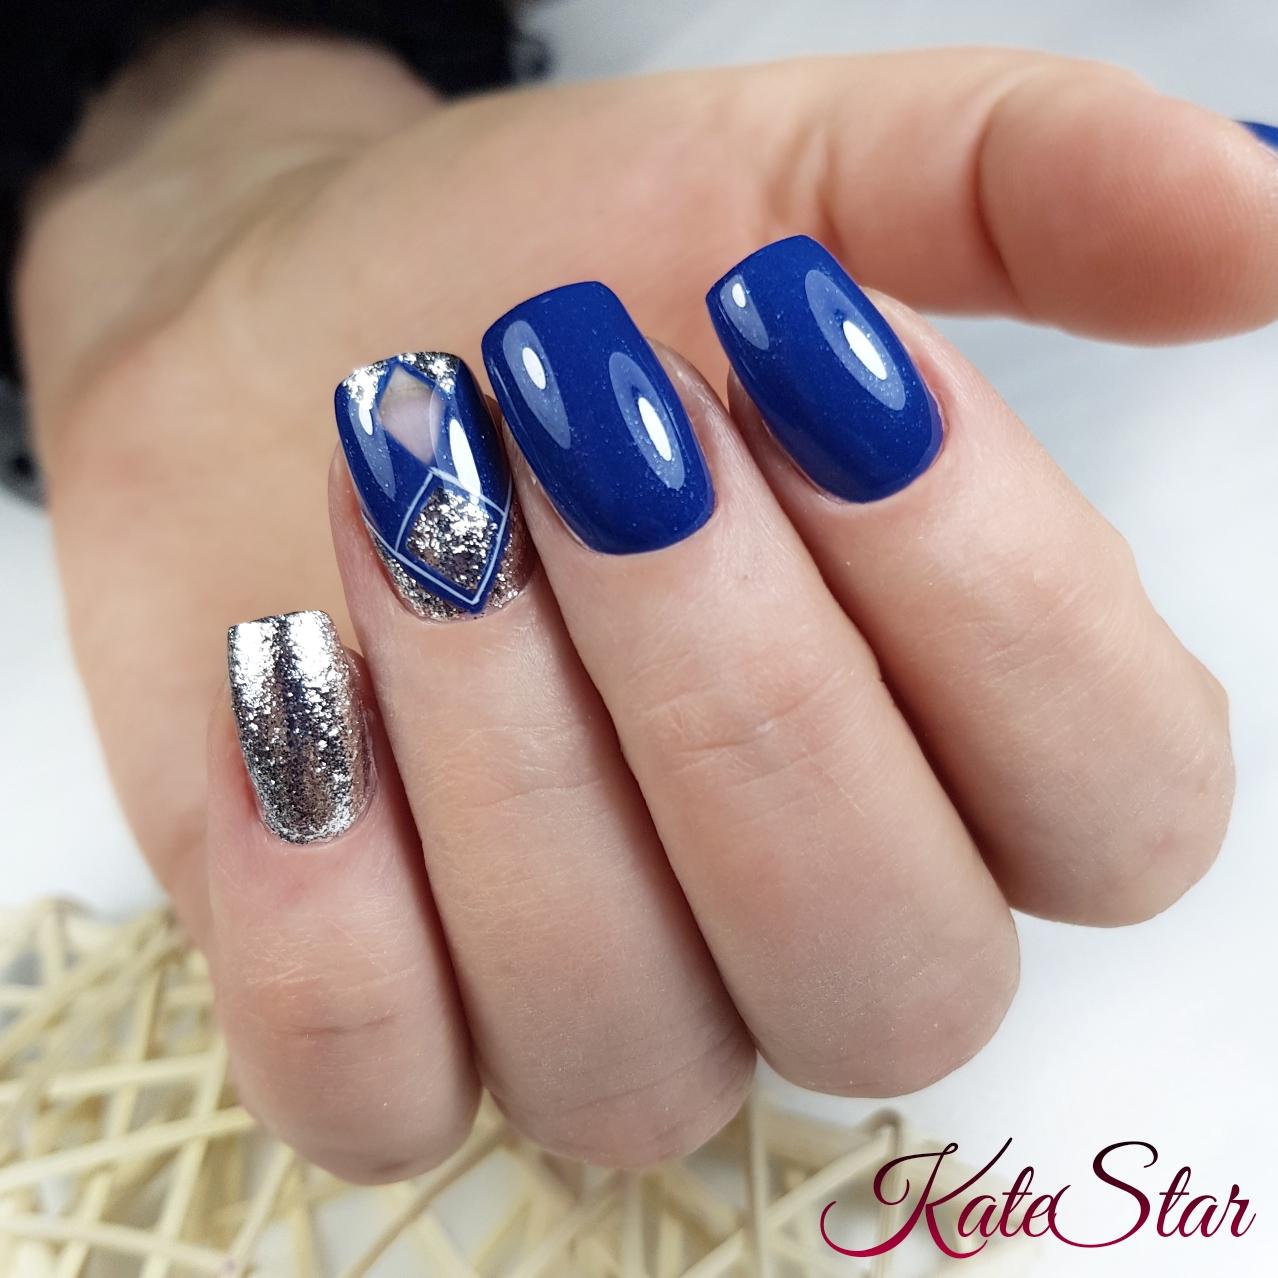 Геометрический маникюр в синем цвете с серебряными блёстками.